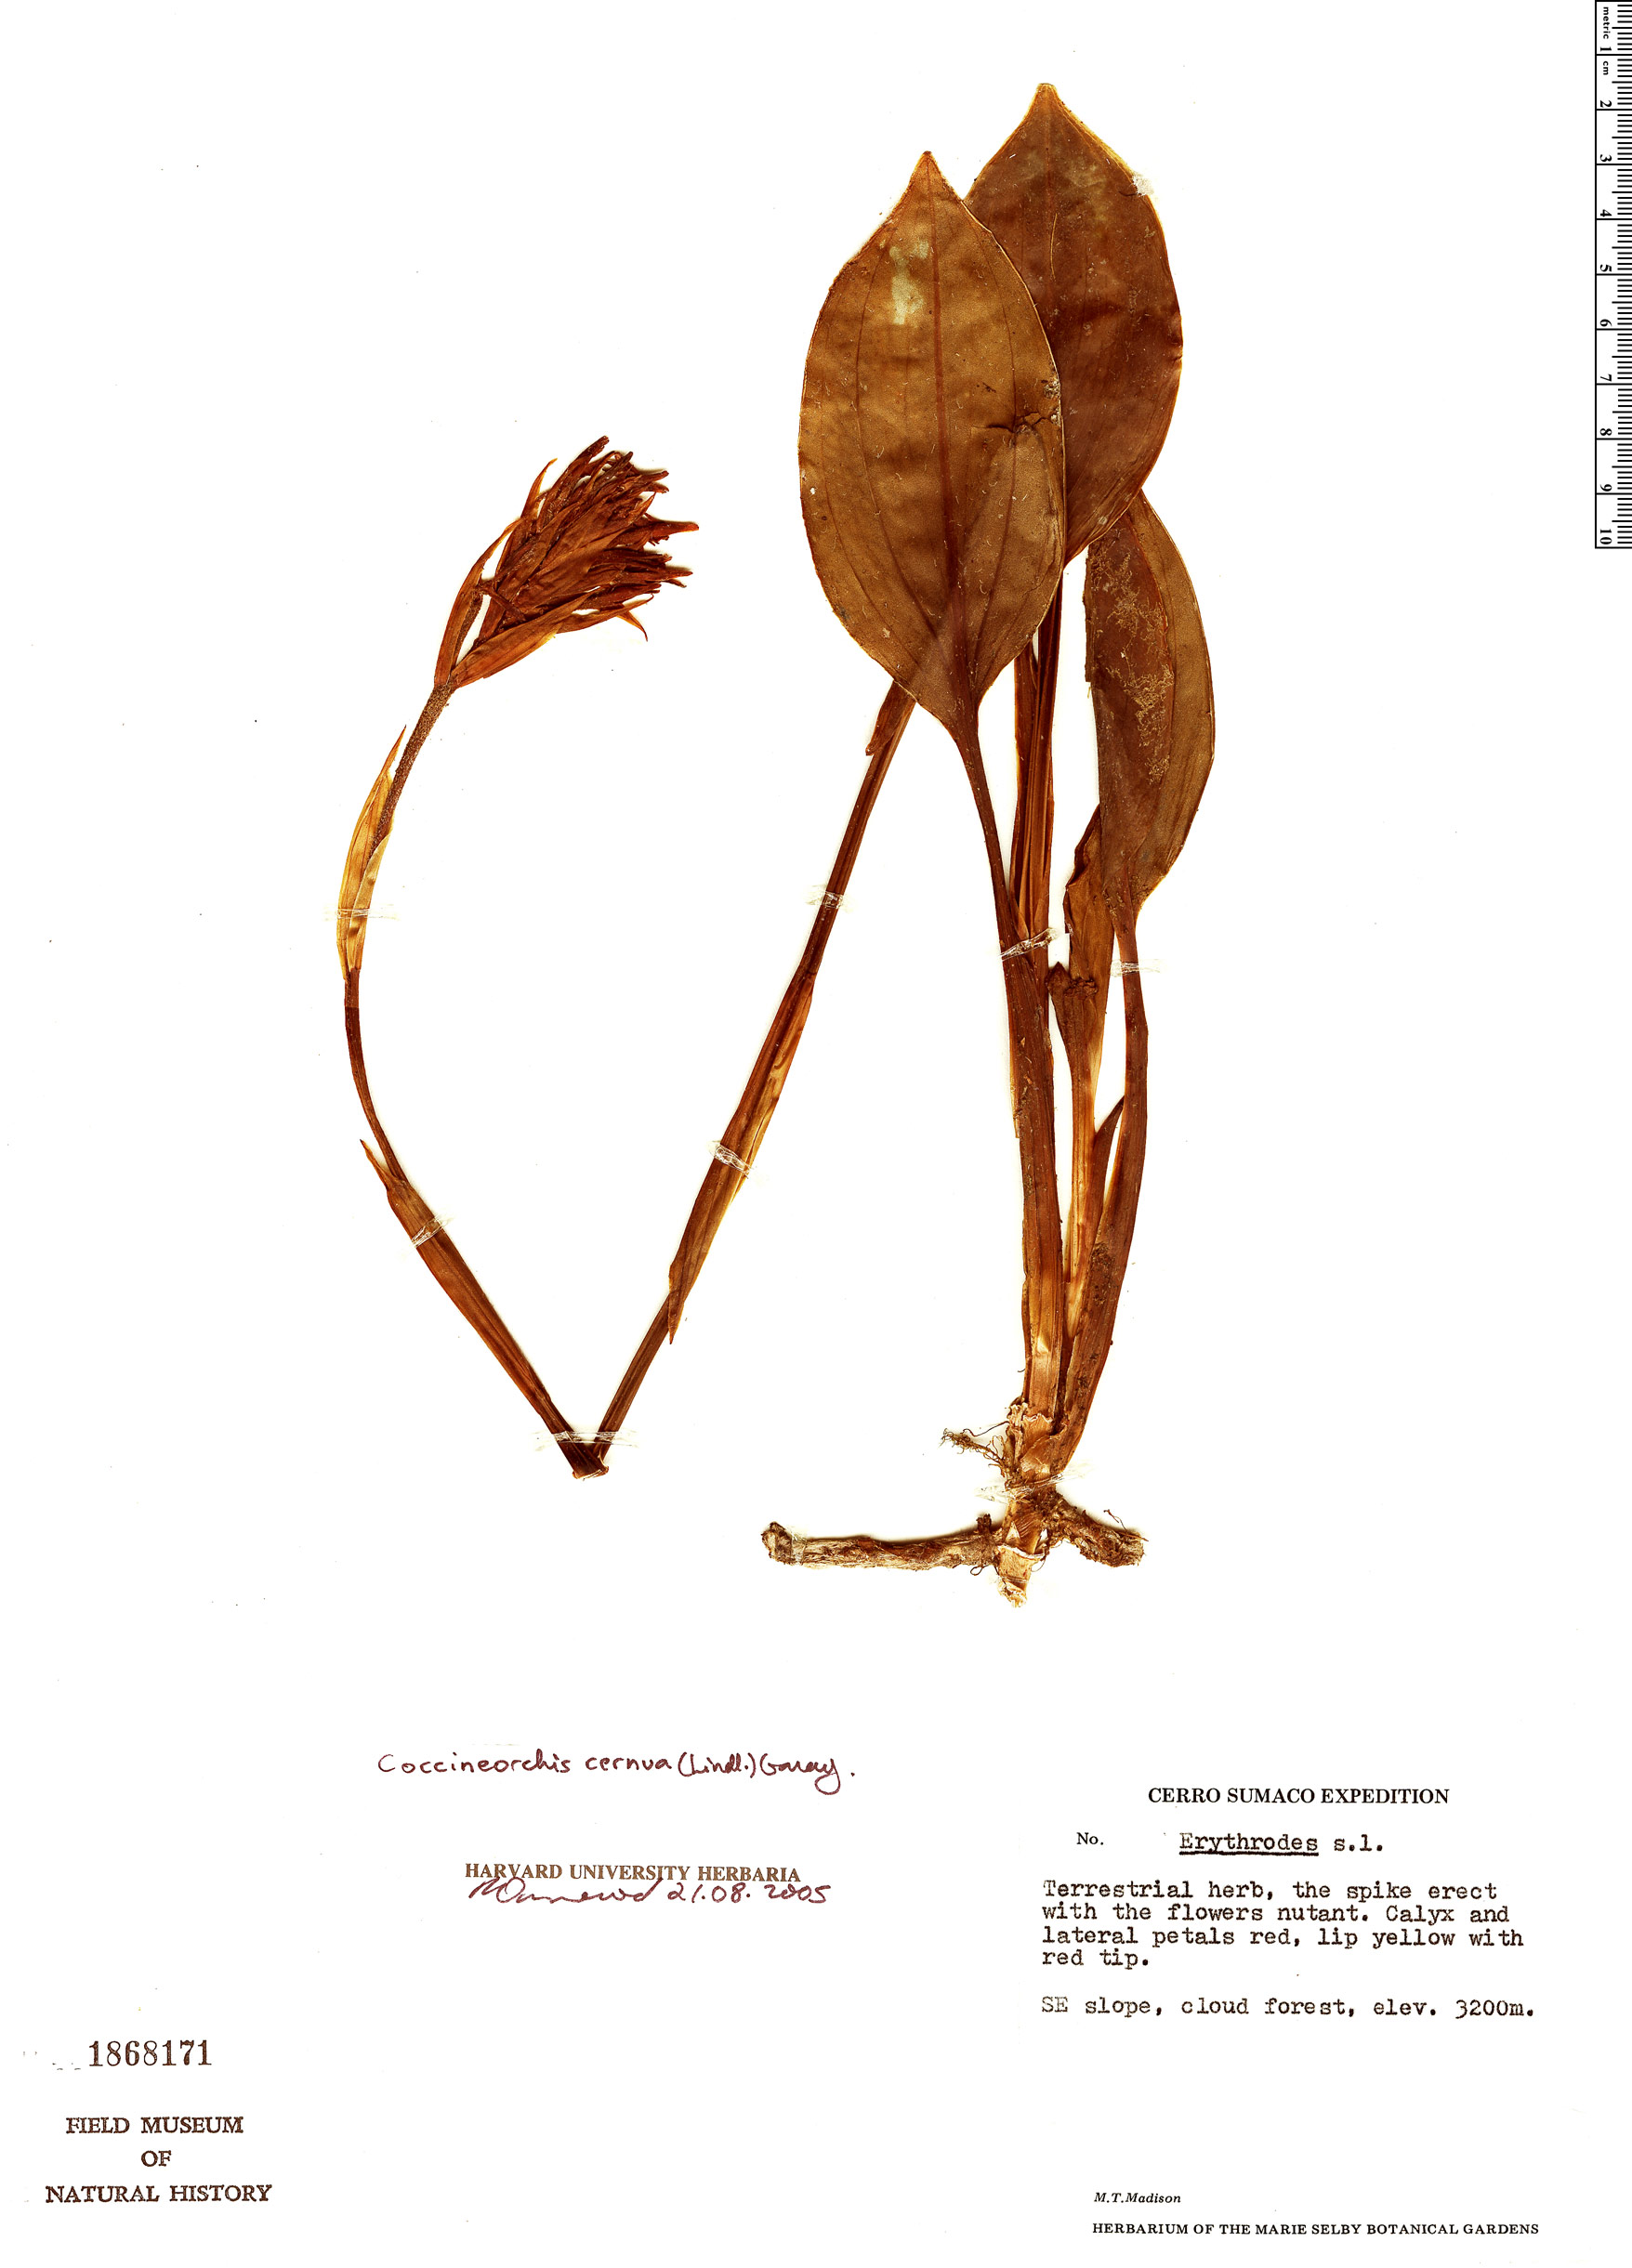 Specimen: Coccineorchis cernua